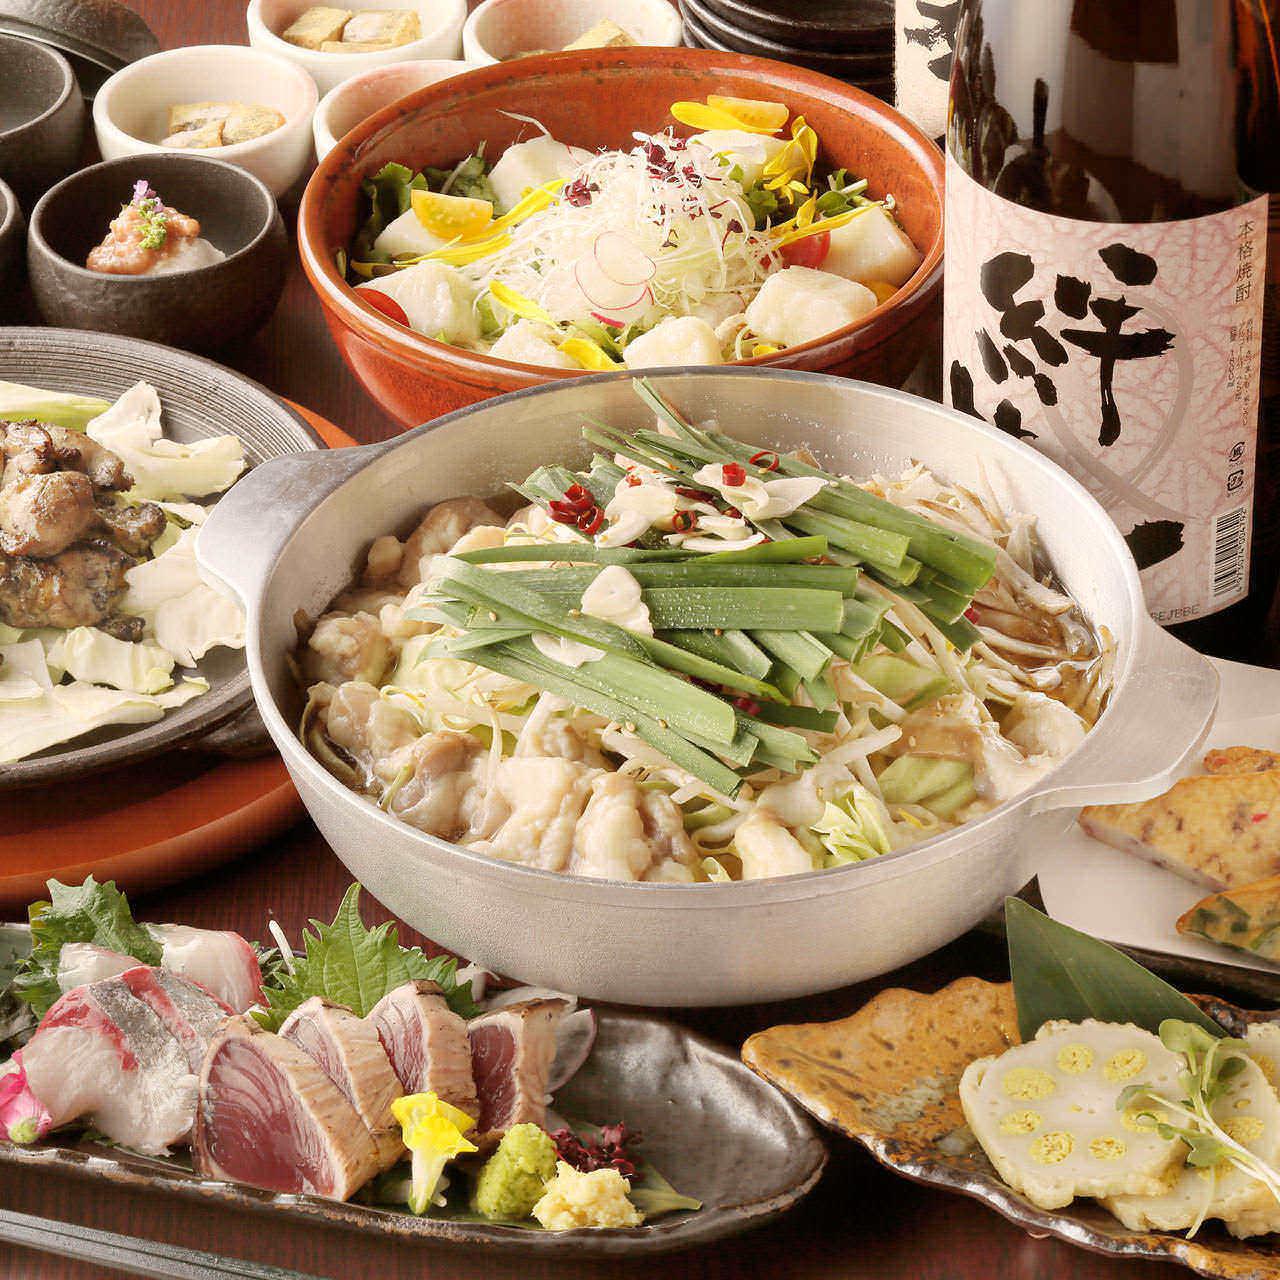 【11月】メインが選べる!2時間飲み放題付き鱈の白子含む全9品『冬の絶品コース』宴会,飲み会◎